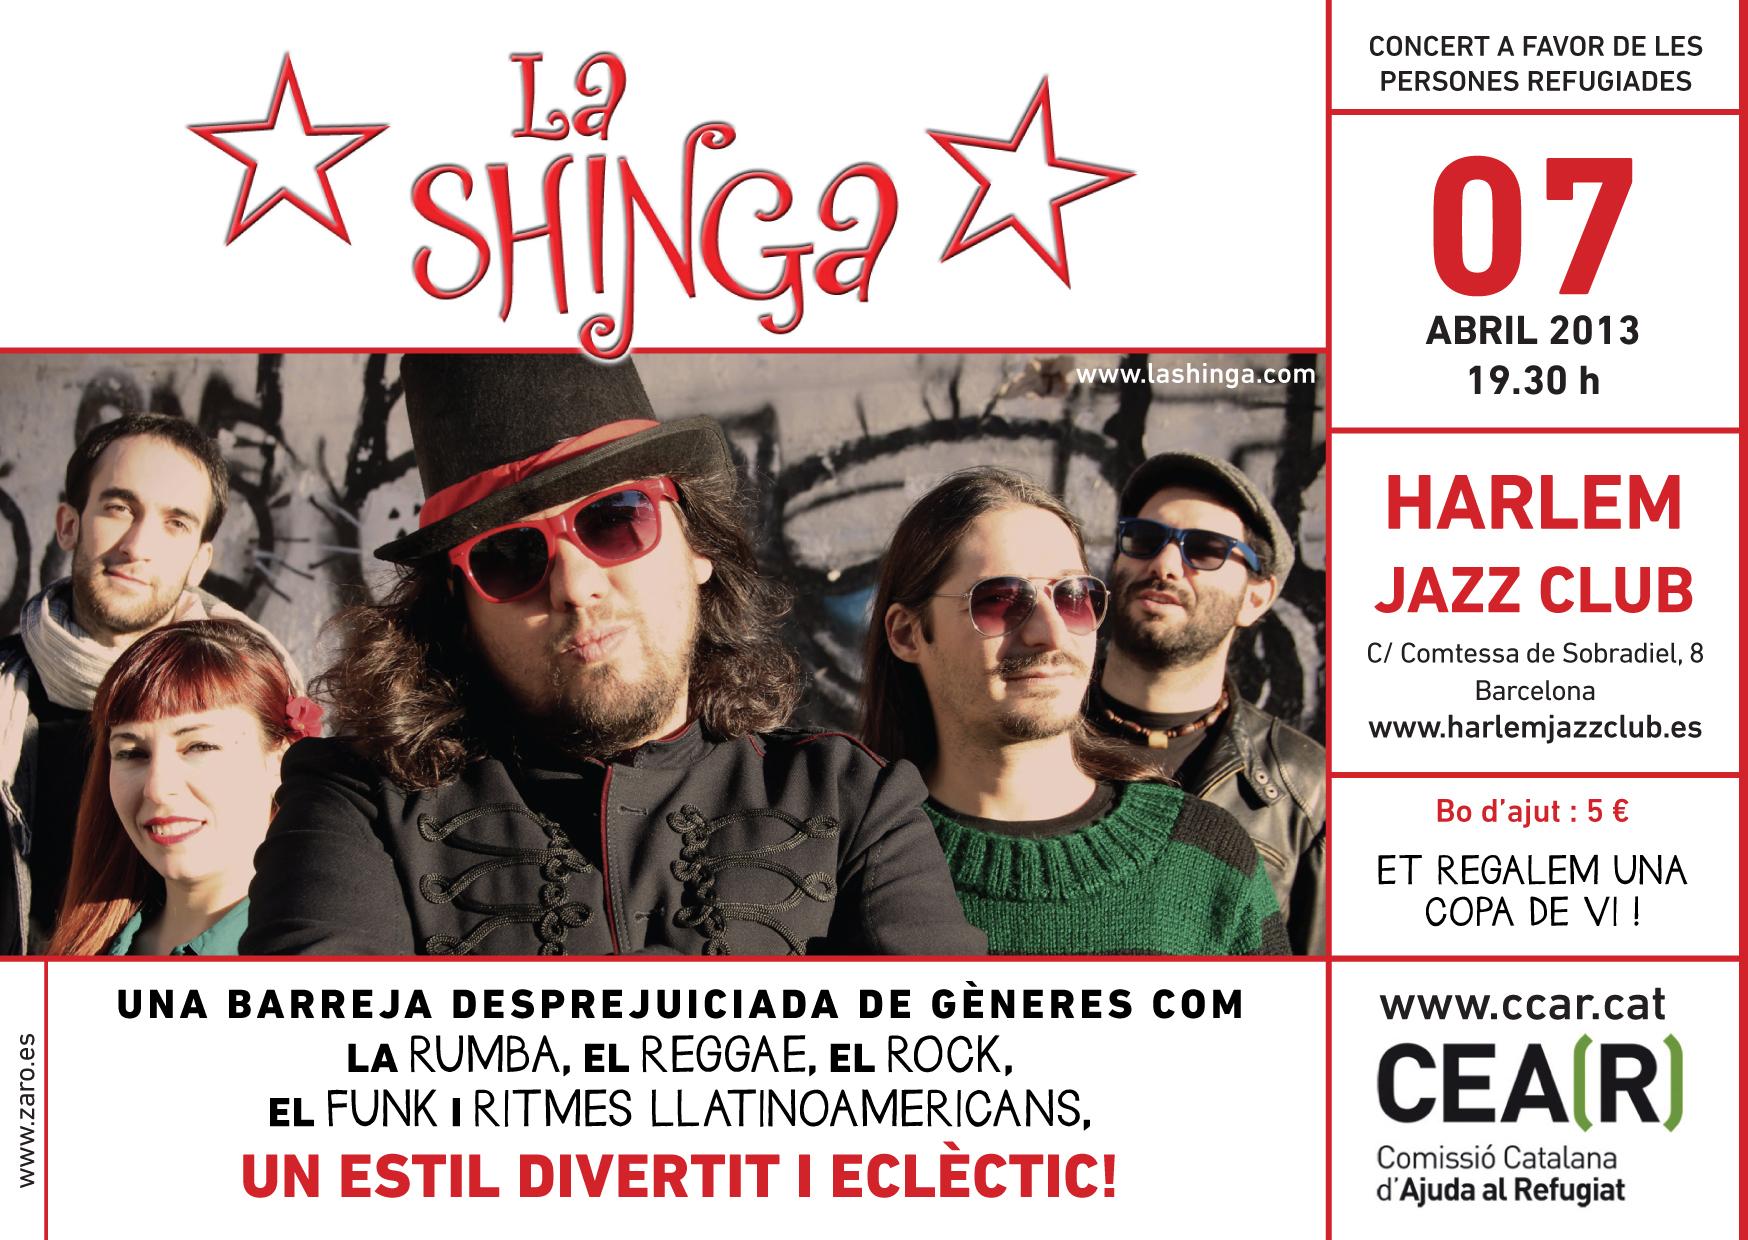 Torna El Concert Solidari Amb Les Persones Refugiades Amb La Shinga!